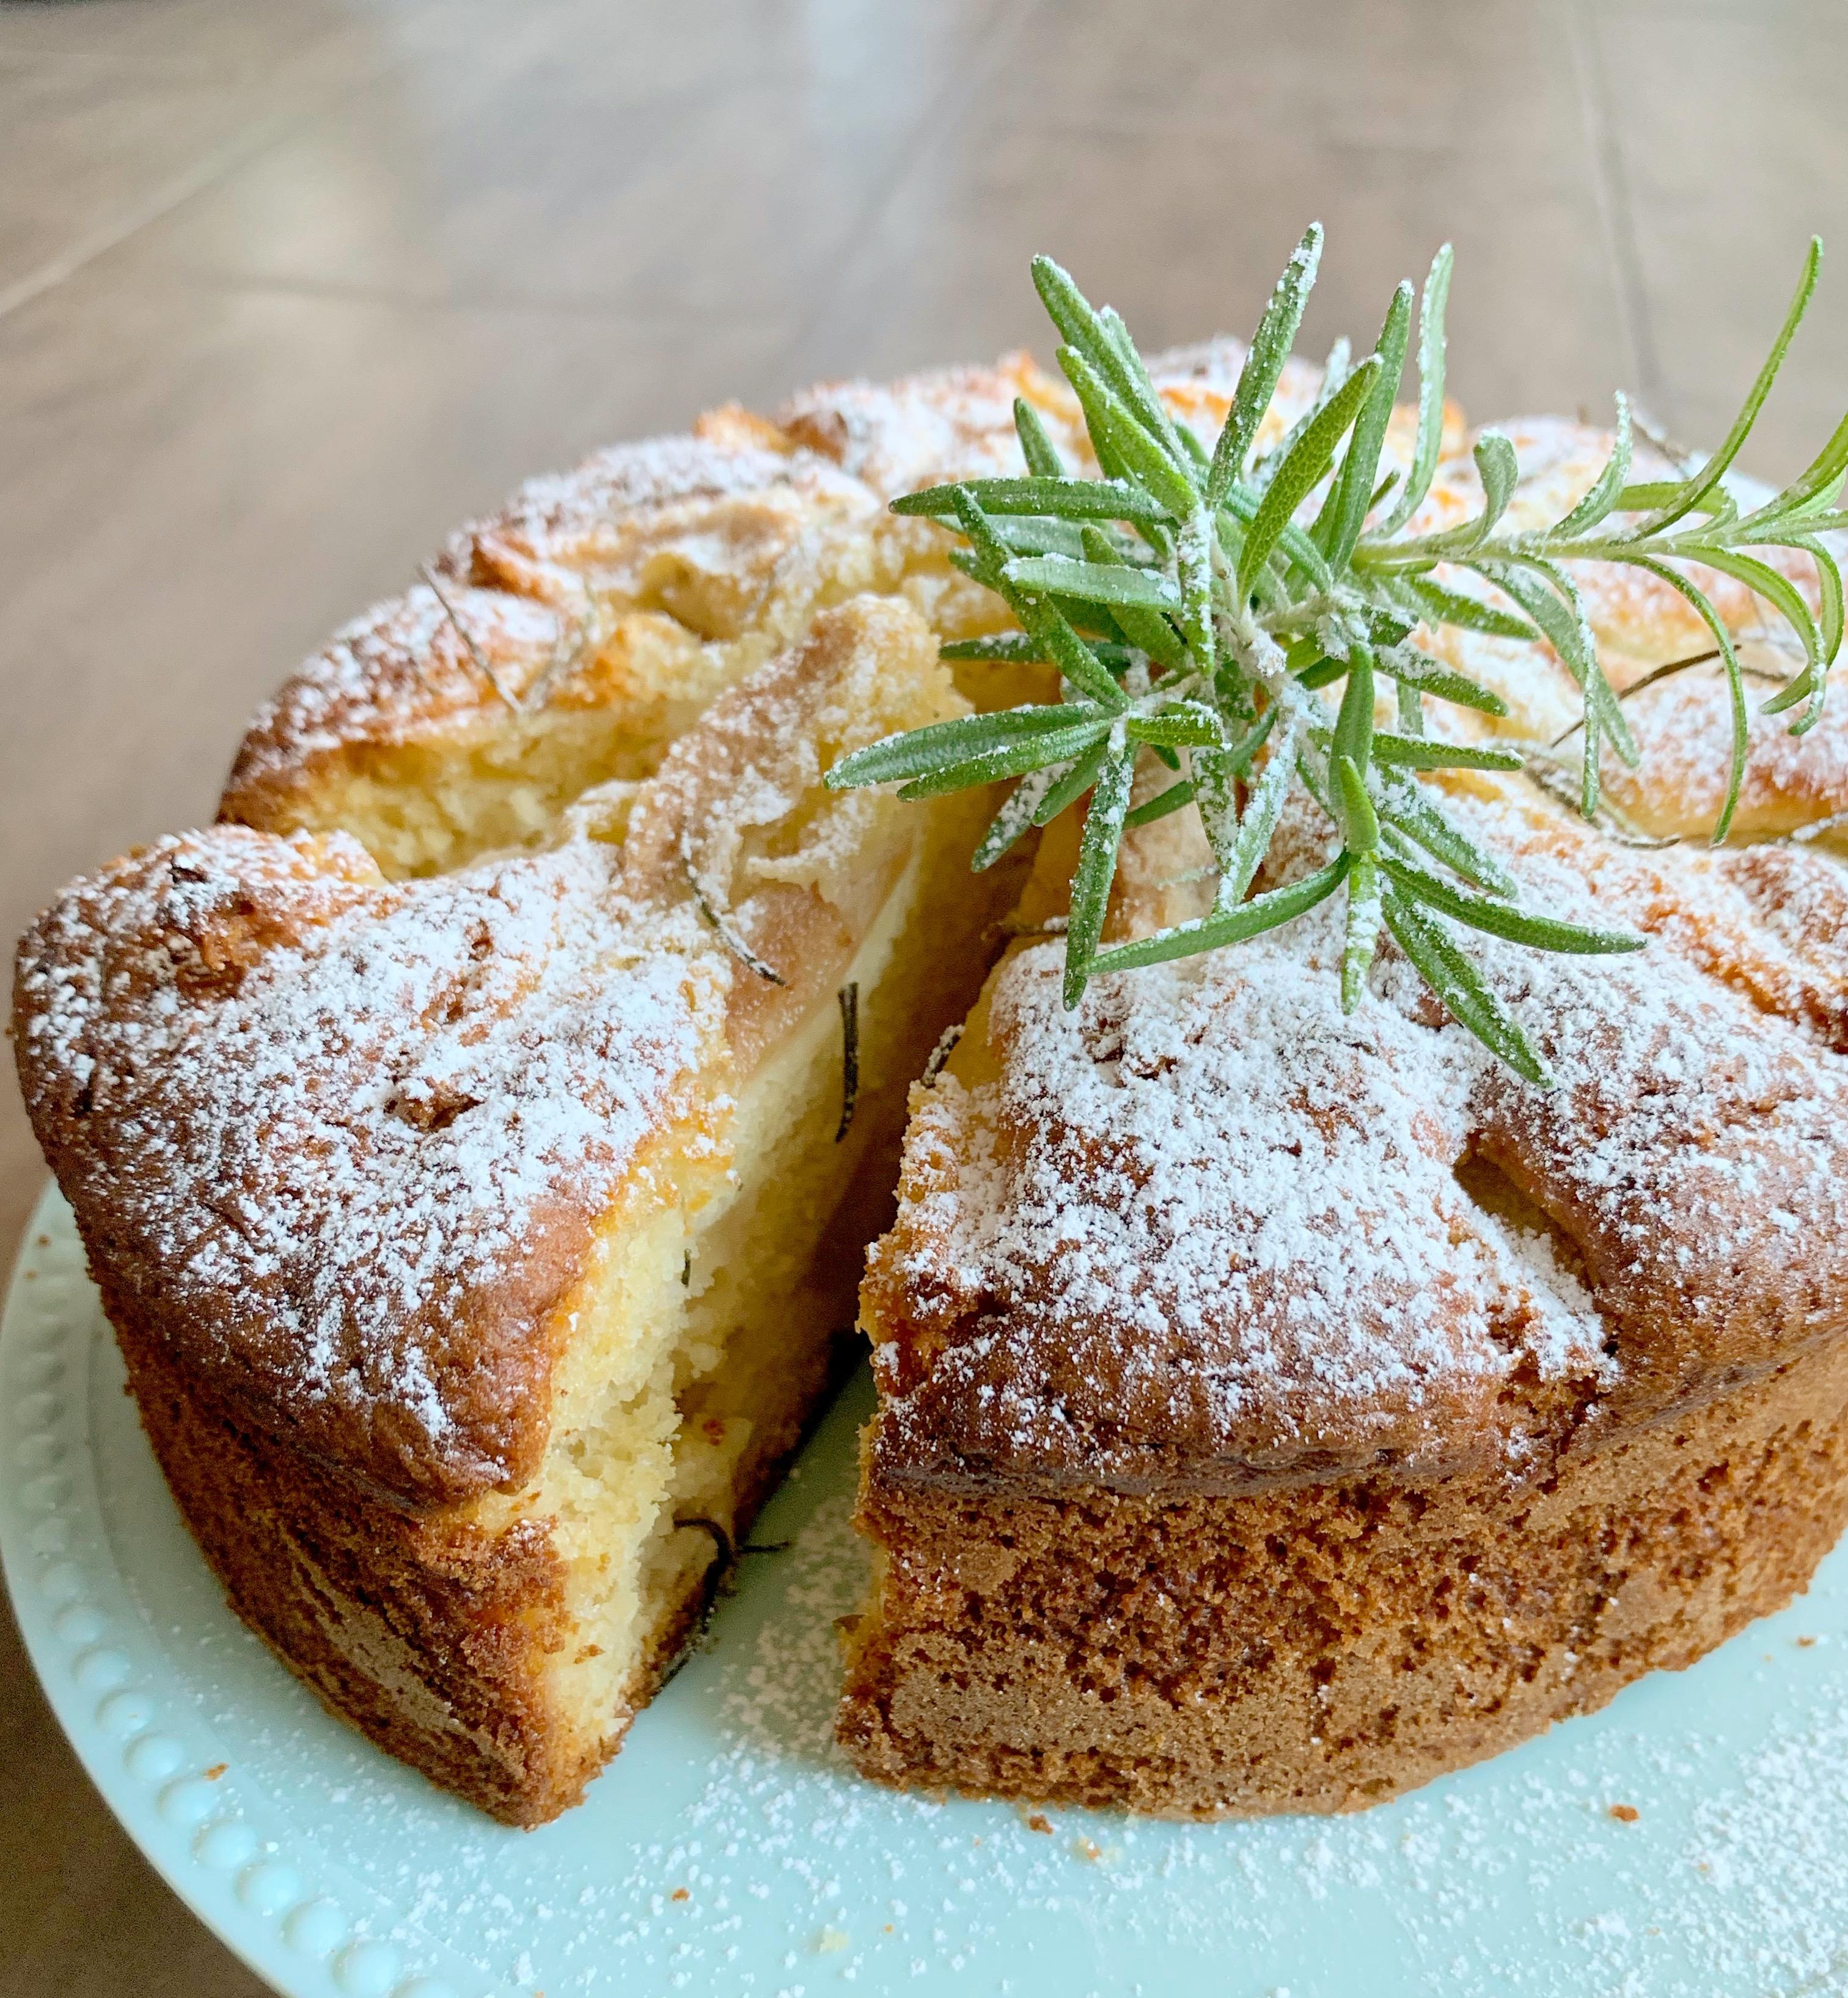 Torta di Pere e Rosmarino Senza Burro, un dolce particolare e goloso di dolci senza burro